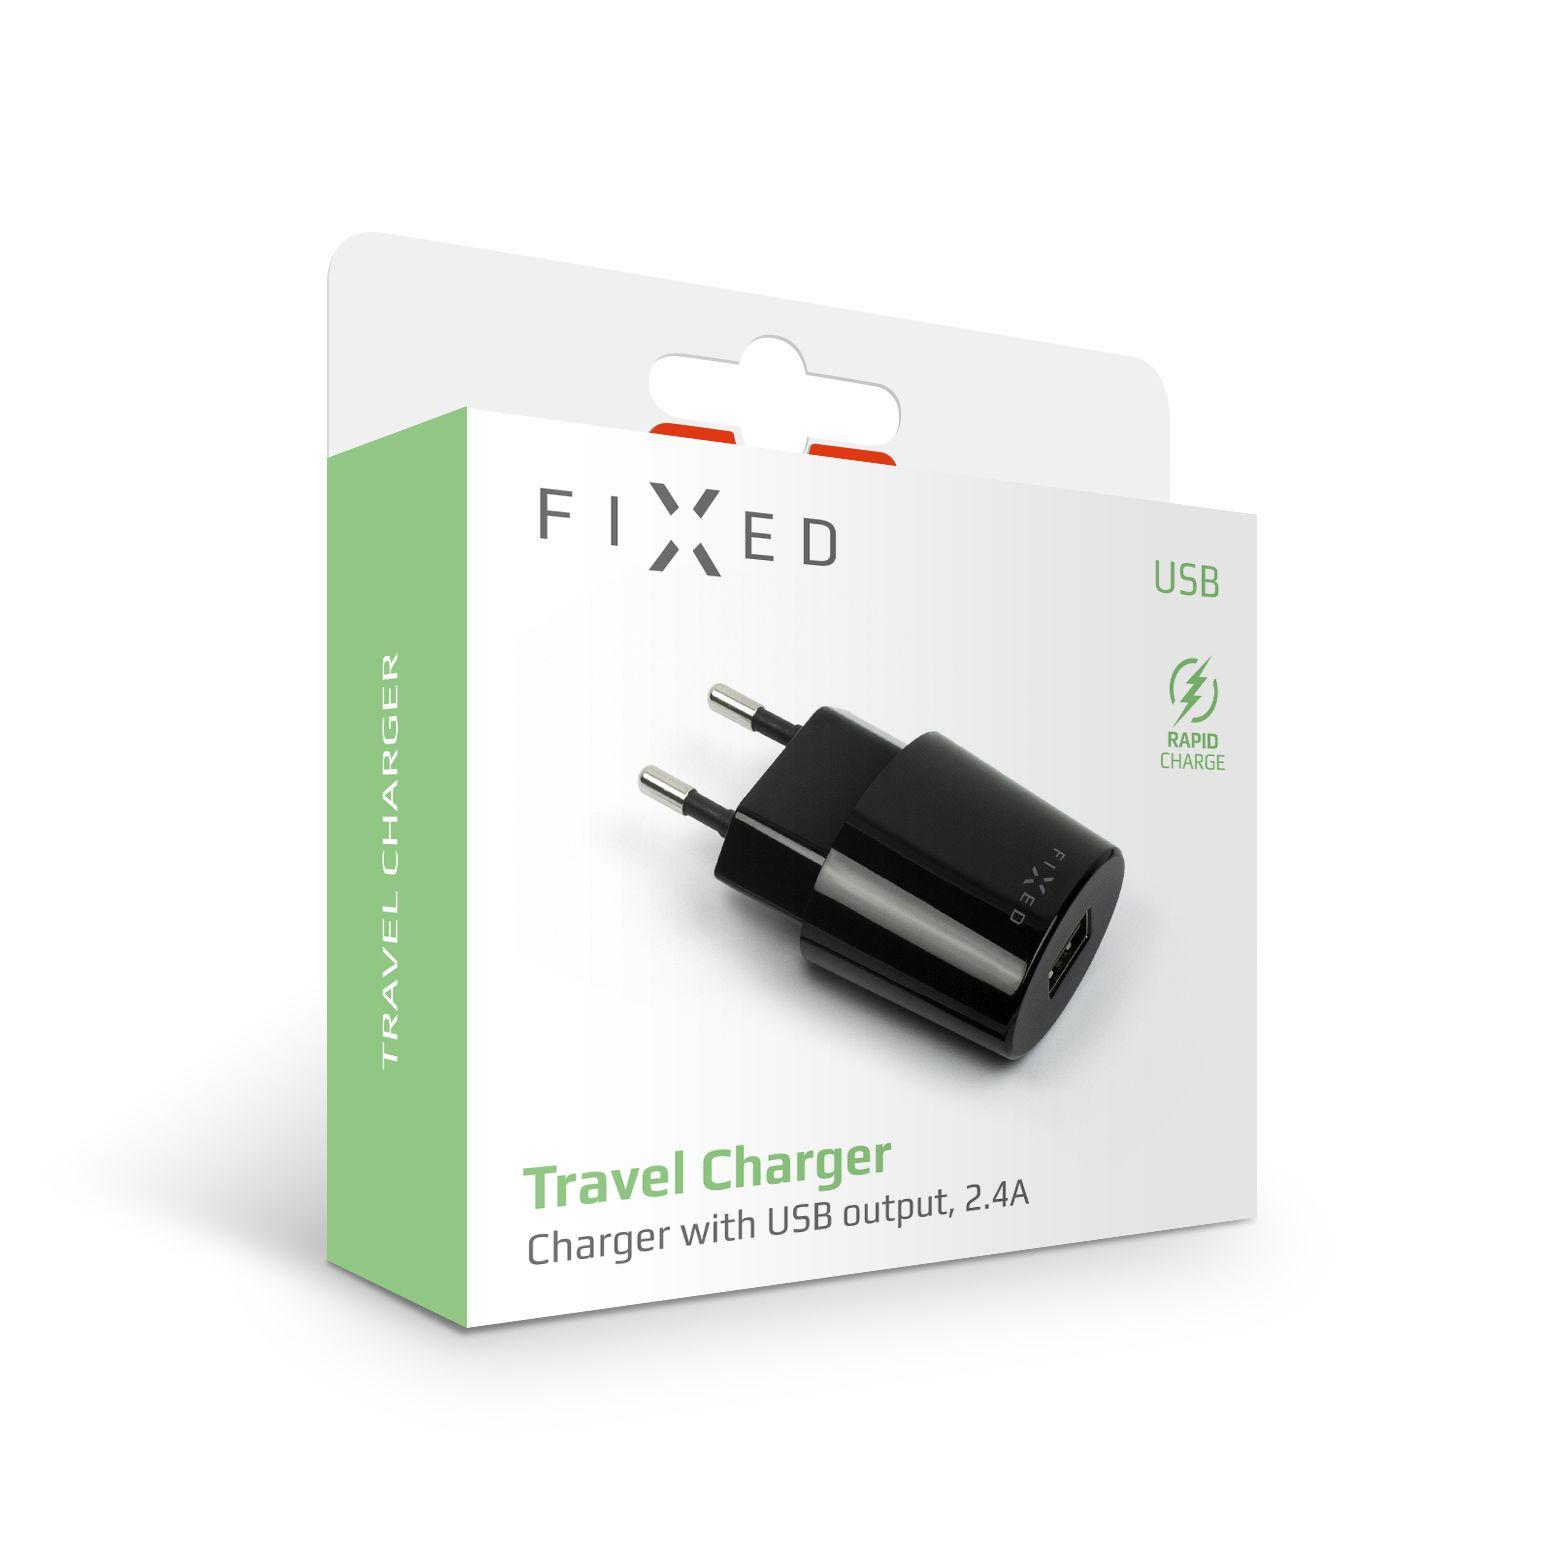 Síťová nabíječka FIXED s USB výstupem, 2,4A, černá